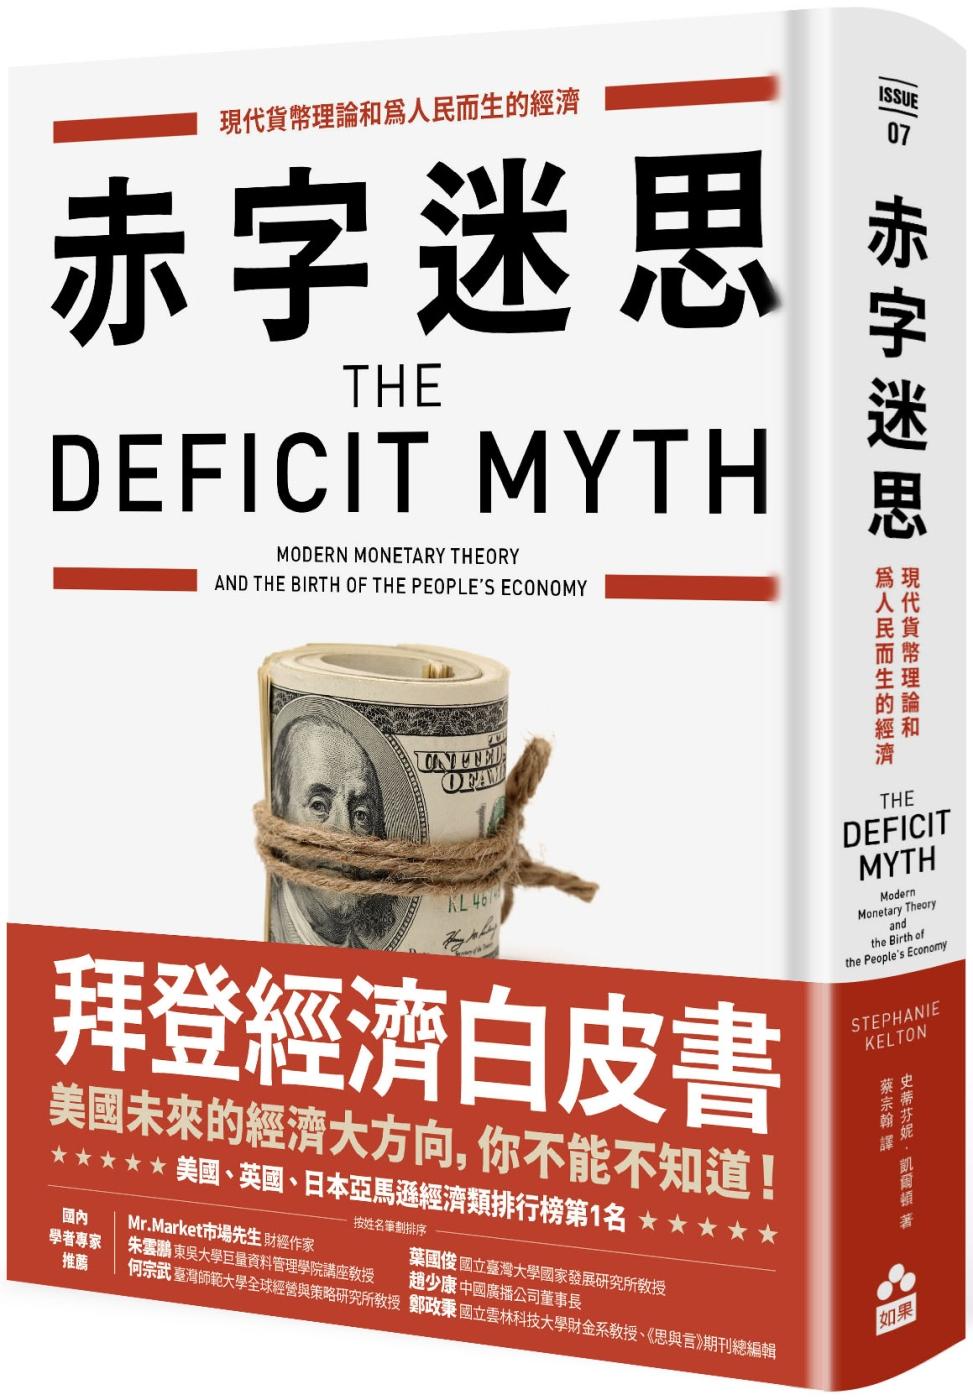 赤字迷思(博客來獨家限量精裝版):現代貨幣理論和為人民而生的經濟